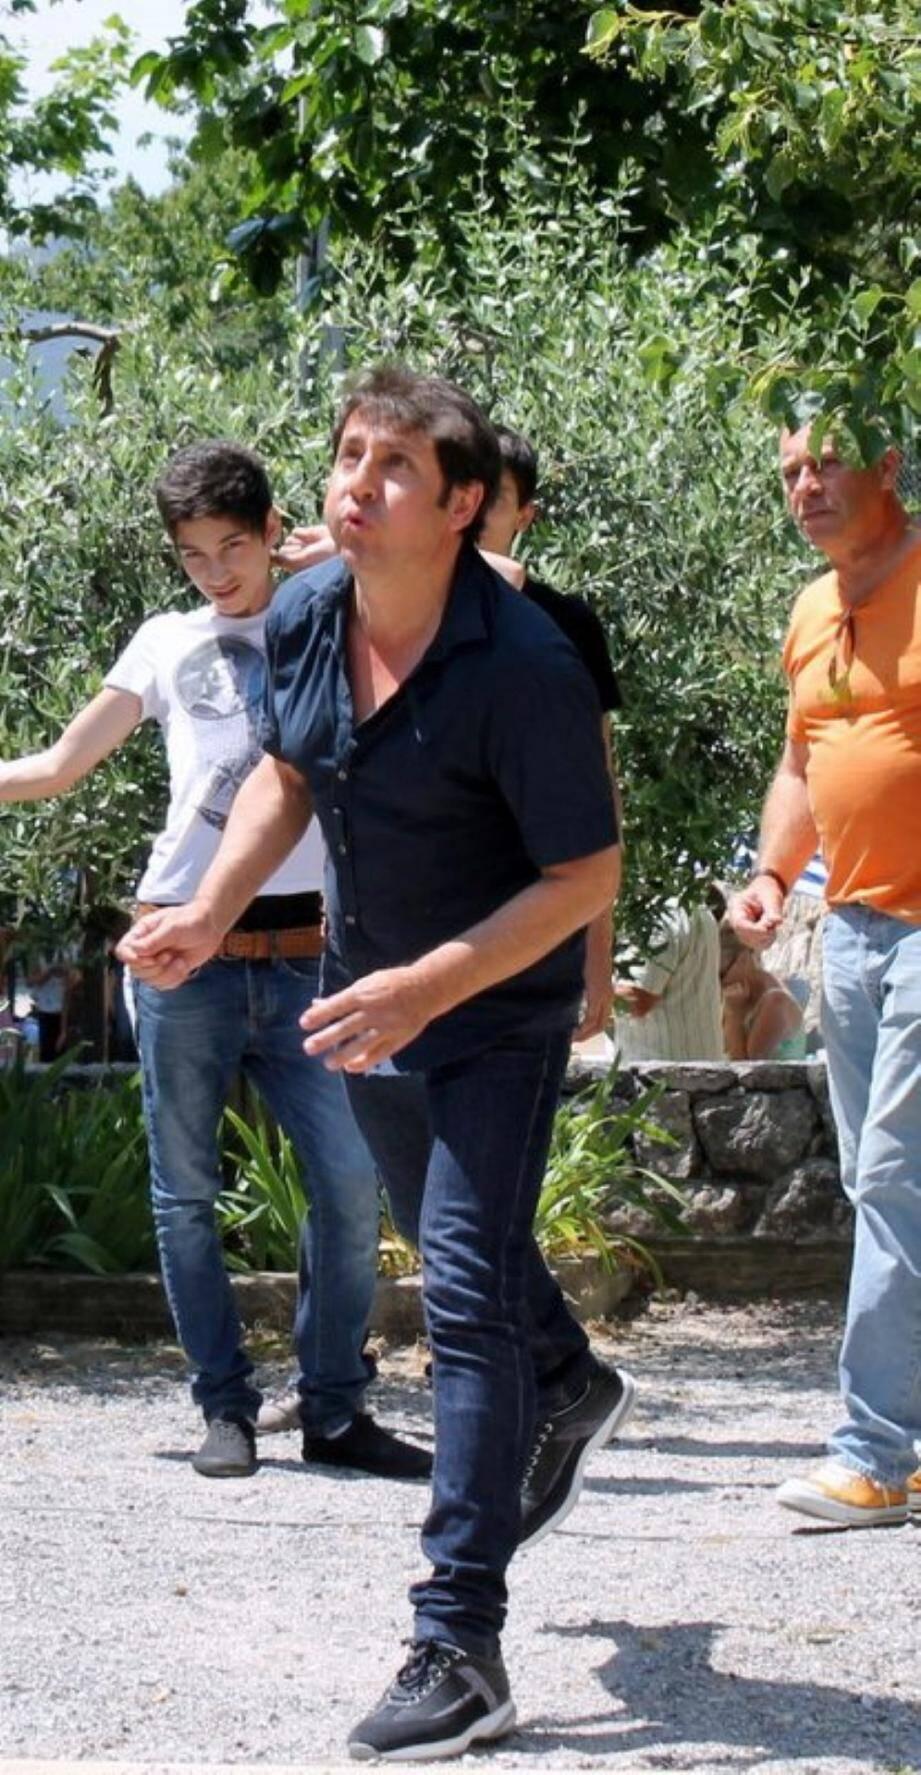 Le record de Sylvain Ferrari au concours de lancer de noyau d'olive (12 mètres) tombera-t-il ?